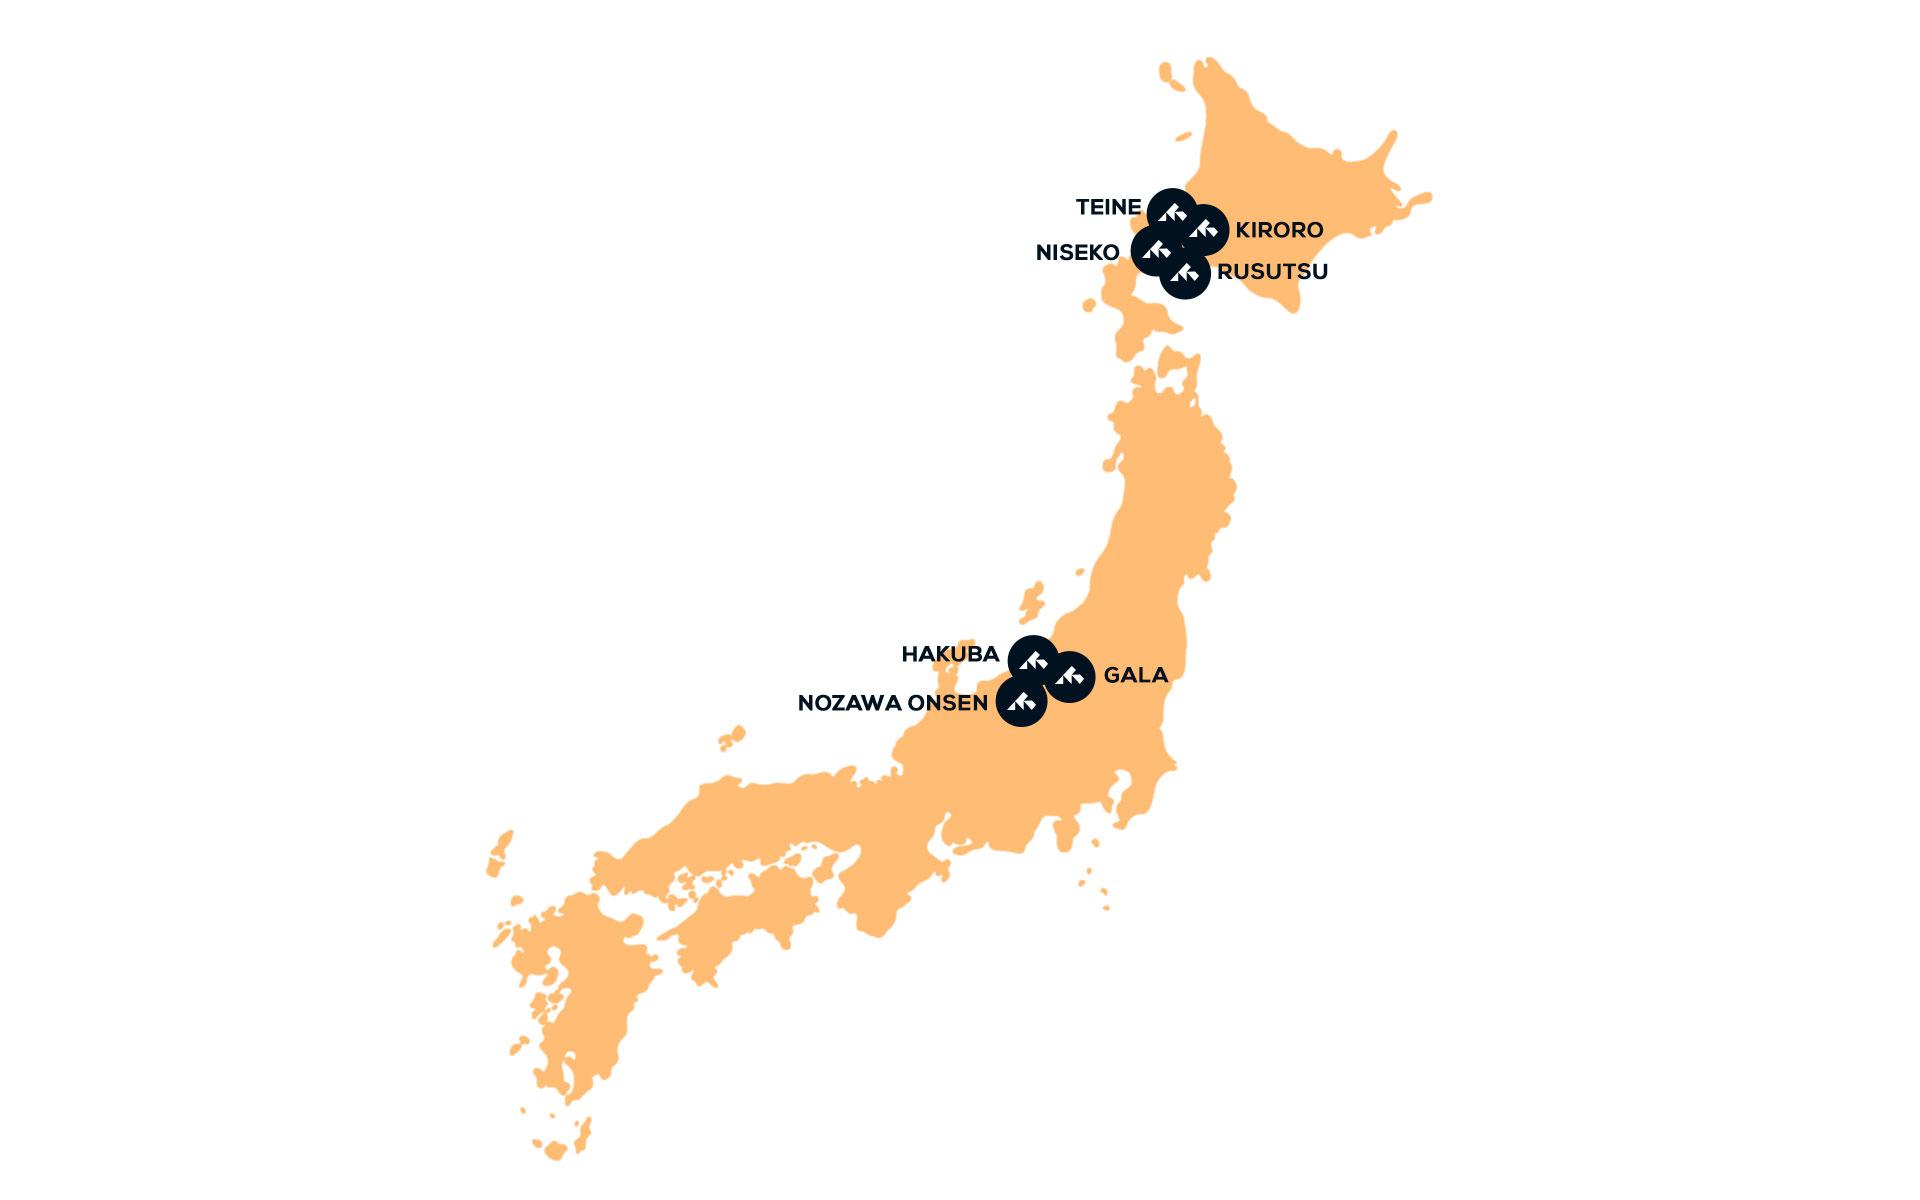 Japan karta